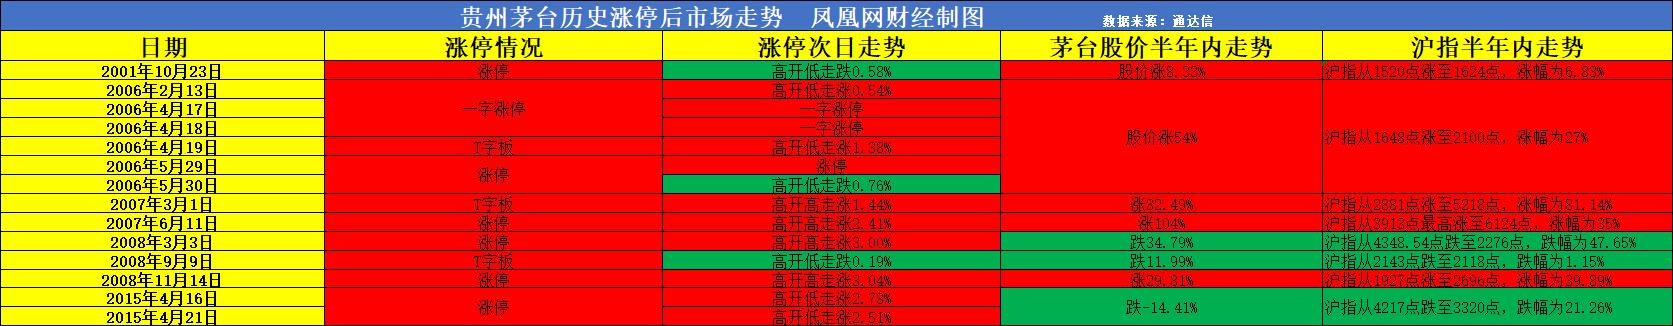 贵州茅台股价涨停后 沪指半年内62.5%概率会这样走